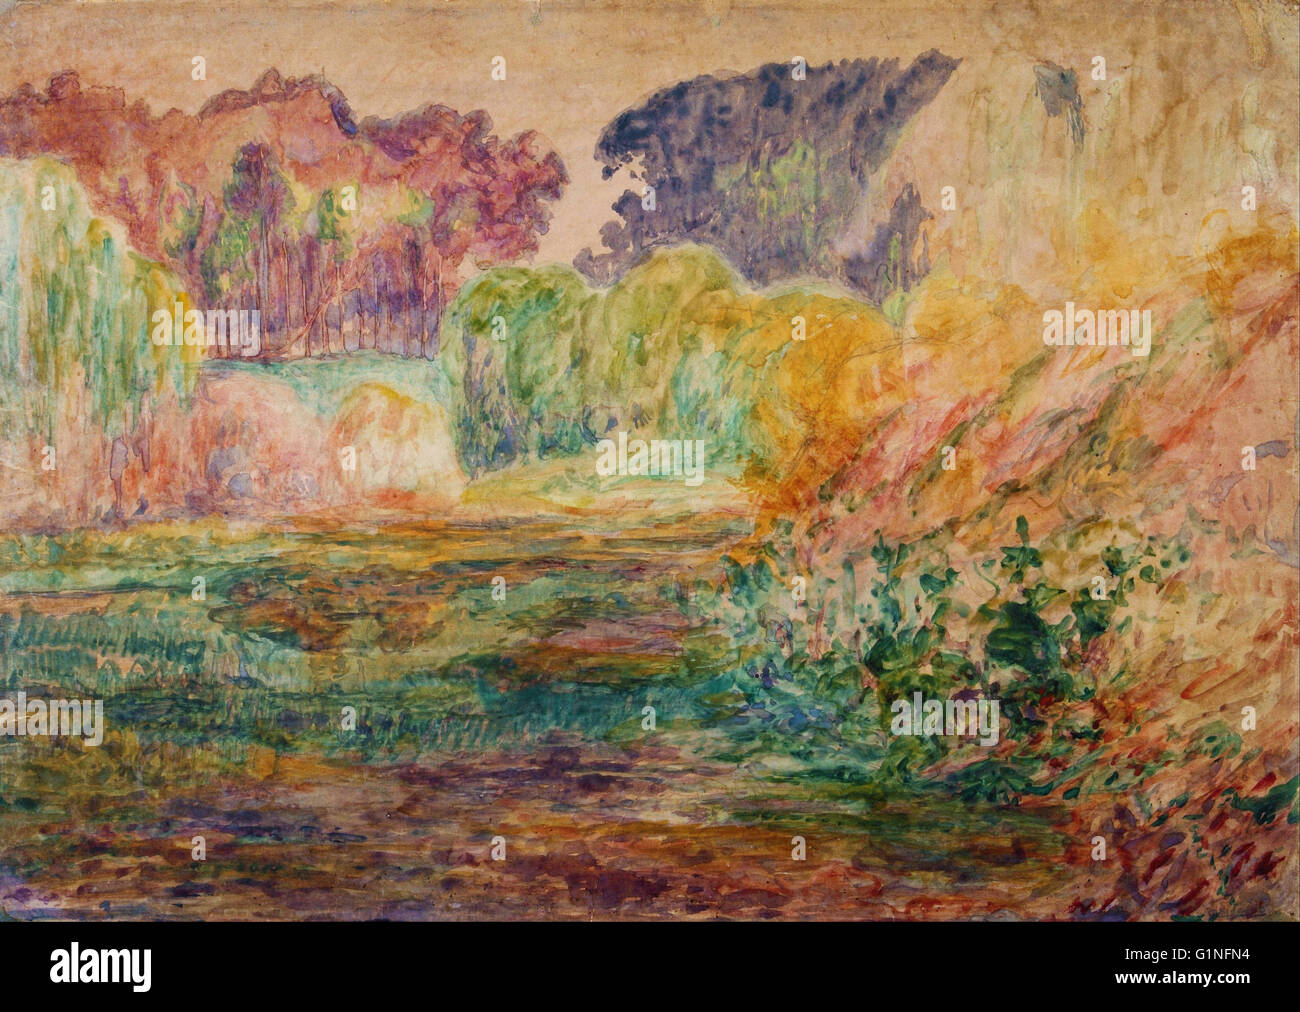 Martin Malharro - Paisaje 003   - Museo Nacional de Bellas Artes de Buenos Aires - Stock Image